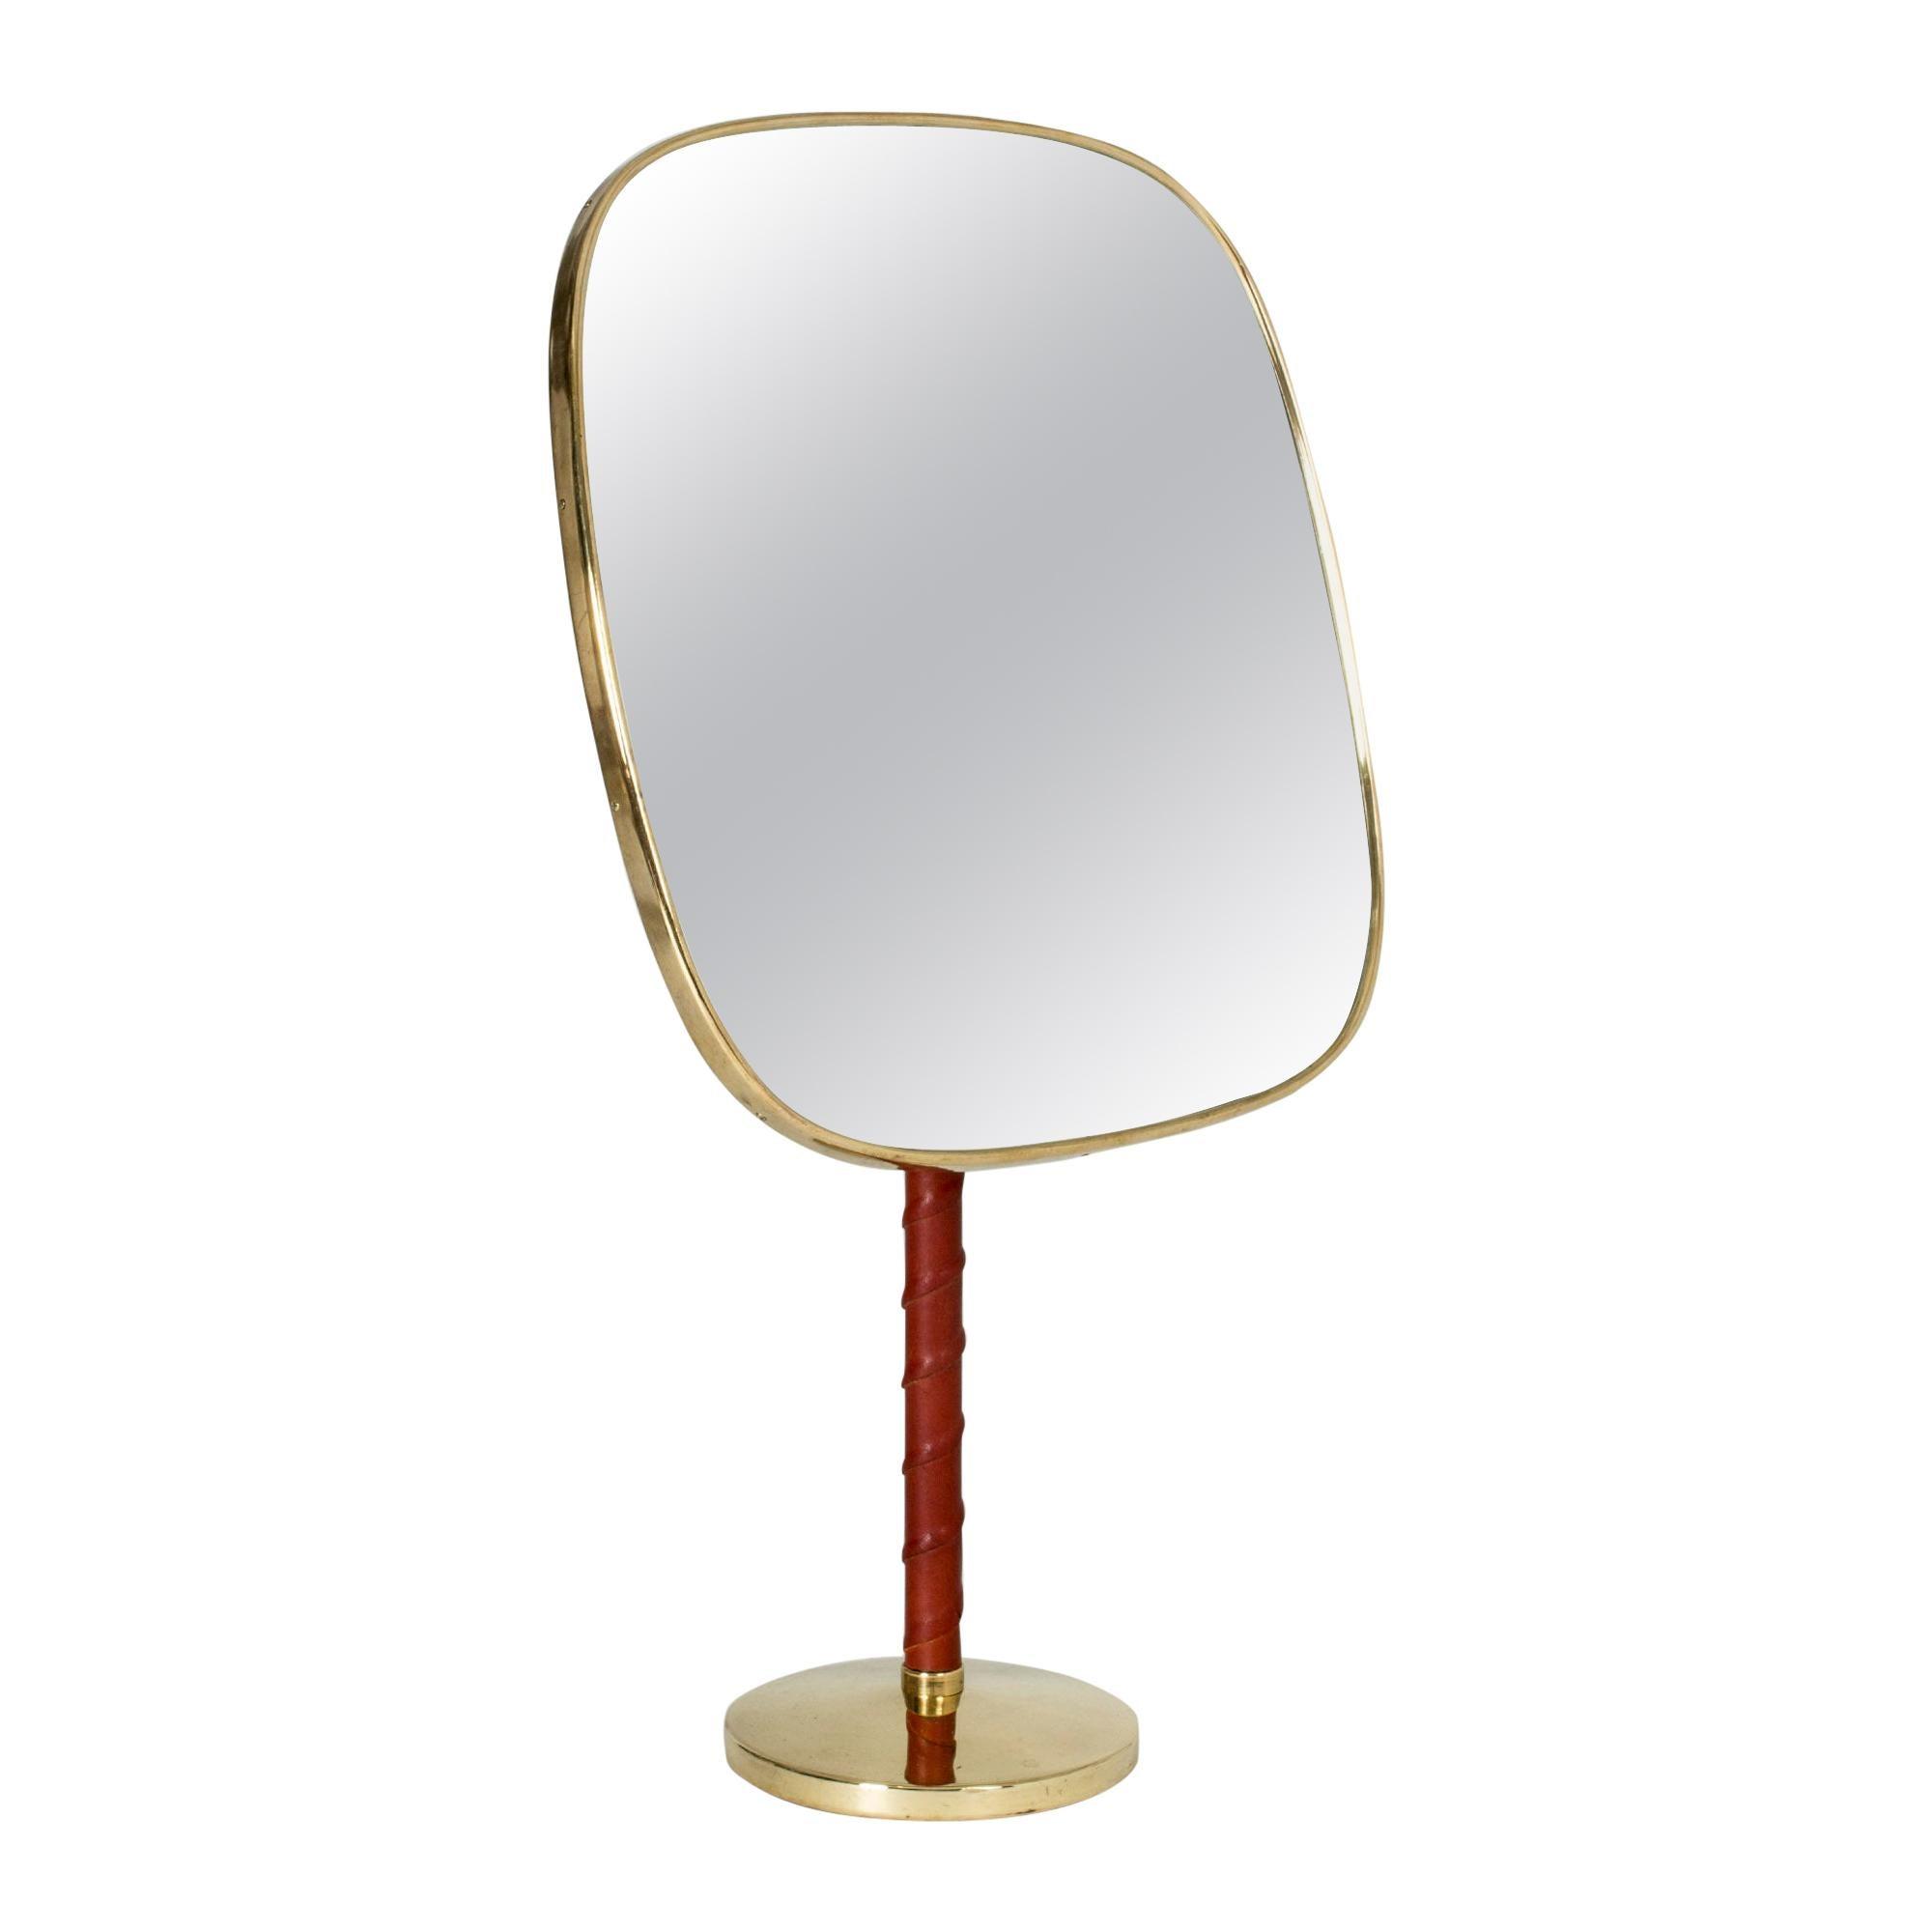 Table Mirror by David Rosén for Nordiska Kompaniet, 1960s